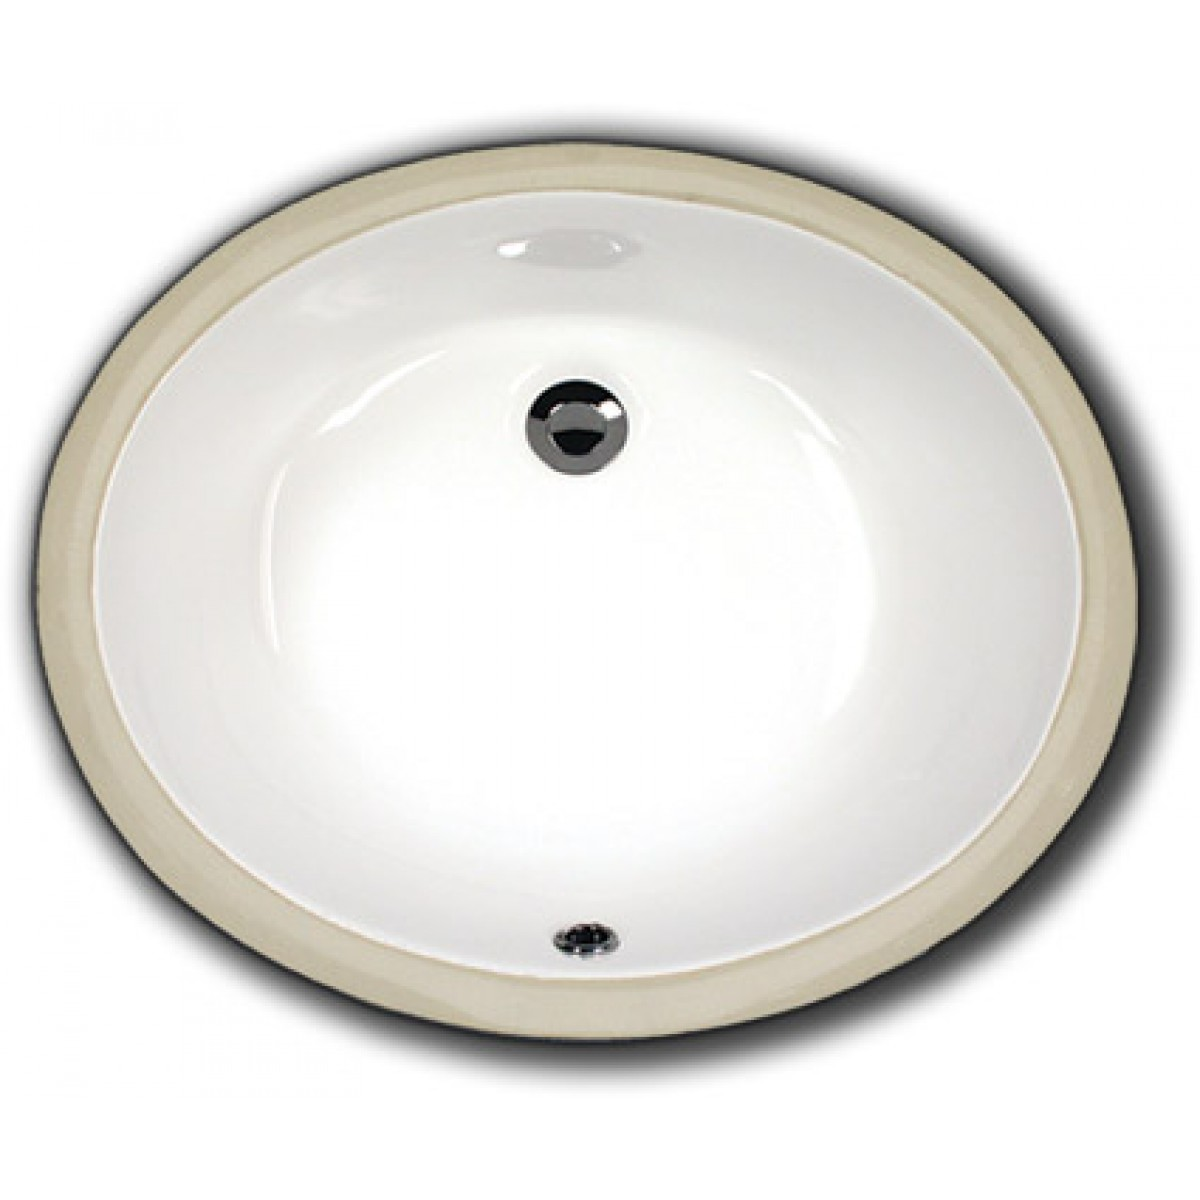 Undermount Bathroom Vessel Sinks black porcelain ceramic vanity undermount bathroom vessel sink